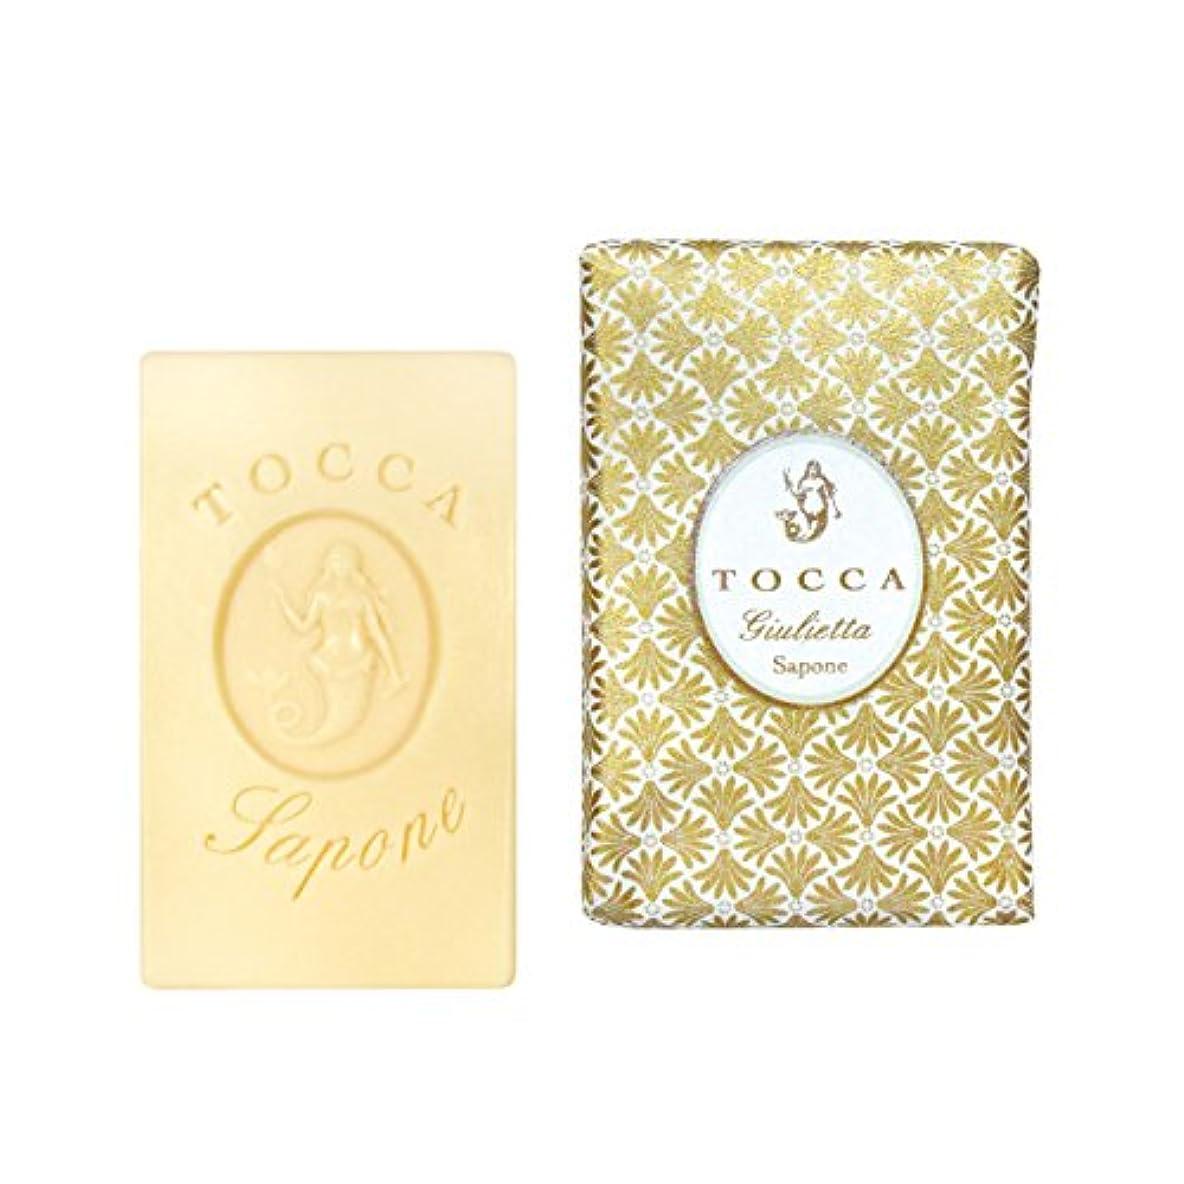 機関平らな海外でトッカ(TOCCA) ソープバー ジュリエッタの香り 113g(化粧石けん ピンクチューリップとグリーンアップルの爽やかで甘い香り)